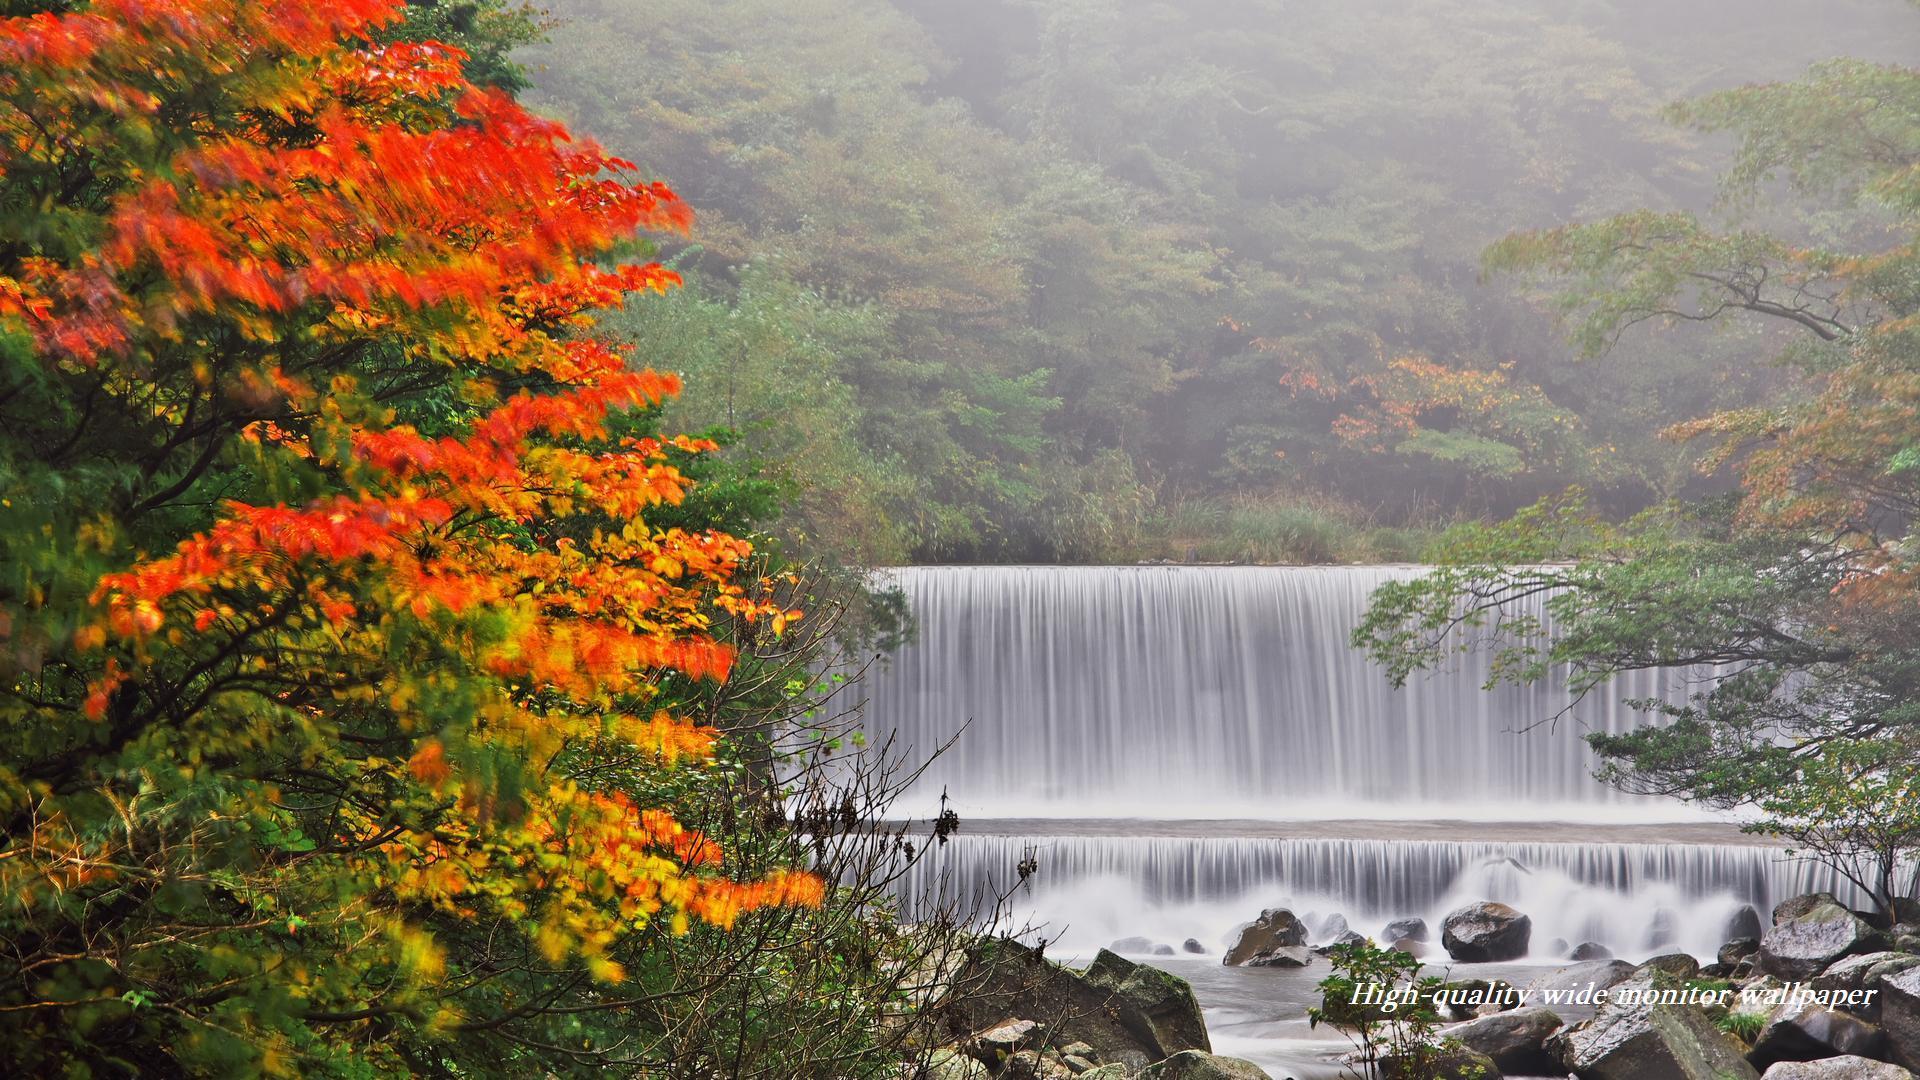 霧島川の紅葉をモチーフにしましたワイドモニター専門高画質壁紙 アスペクト比16 9 19 1080 秋の風景 自然風景 花 景色